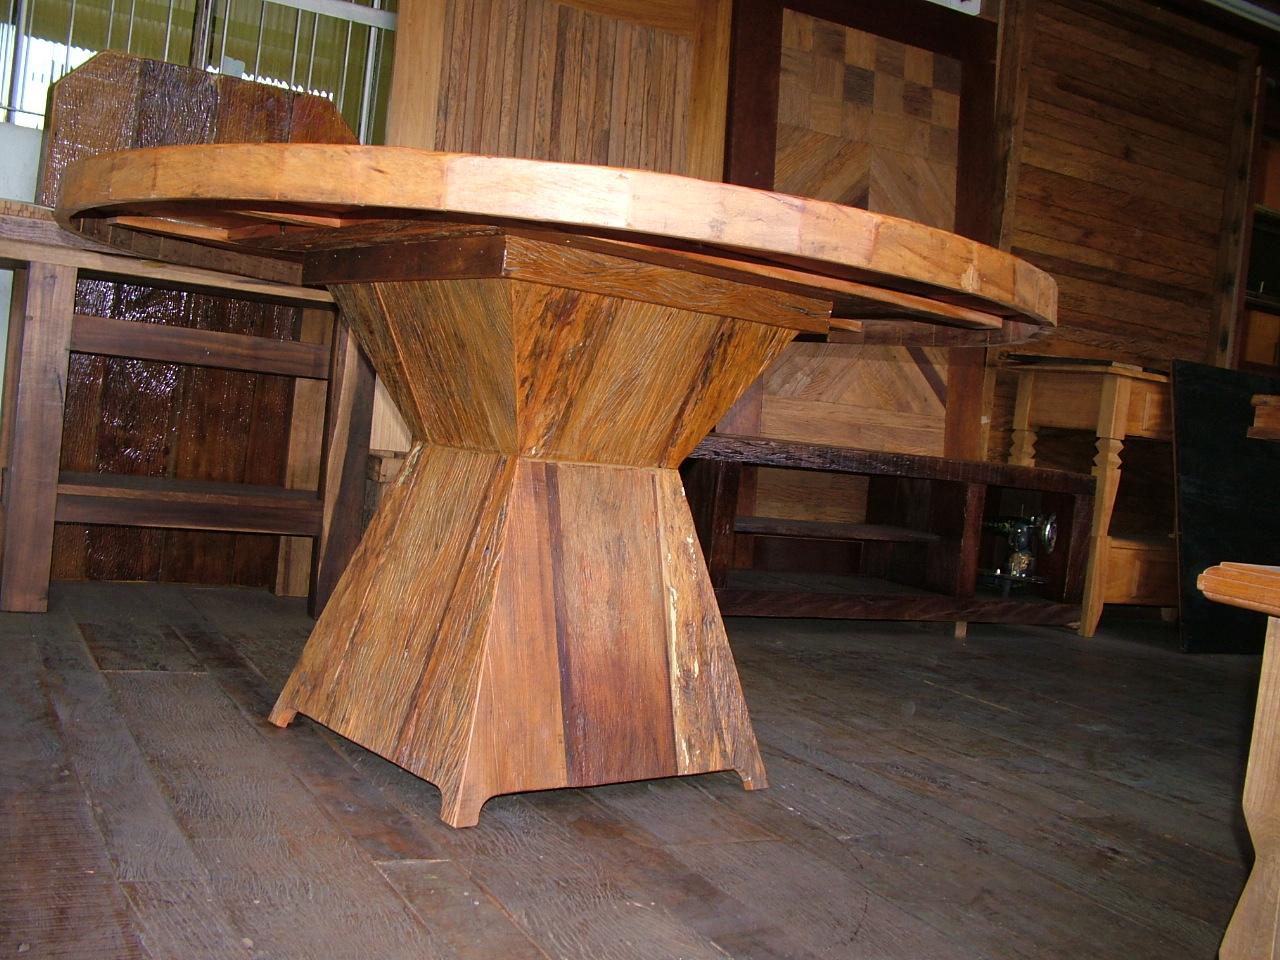 em madeira de demolição projetada com um tampo redondo de 1 50m de  #AF611C 1280x960